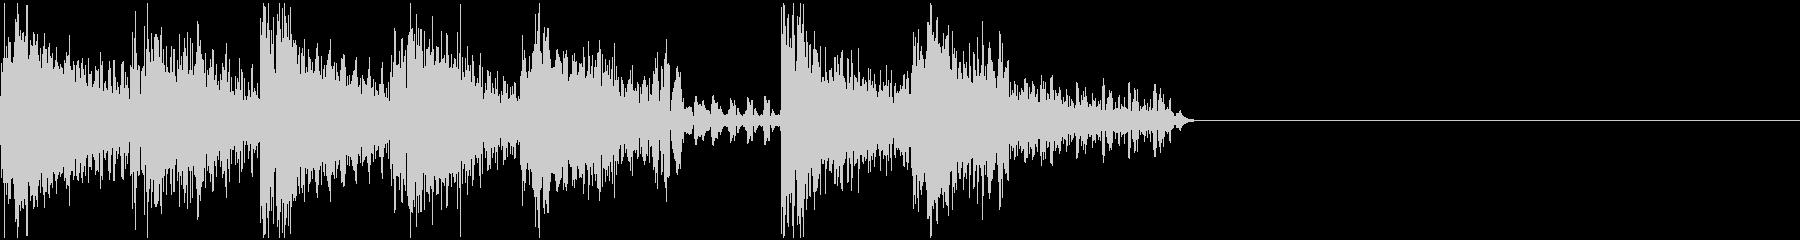 ファミコン・ゲーム風  ジングル2の未再生の波形